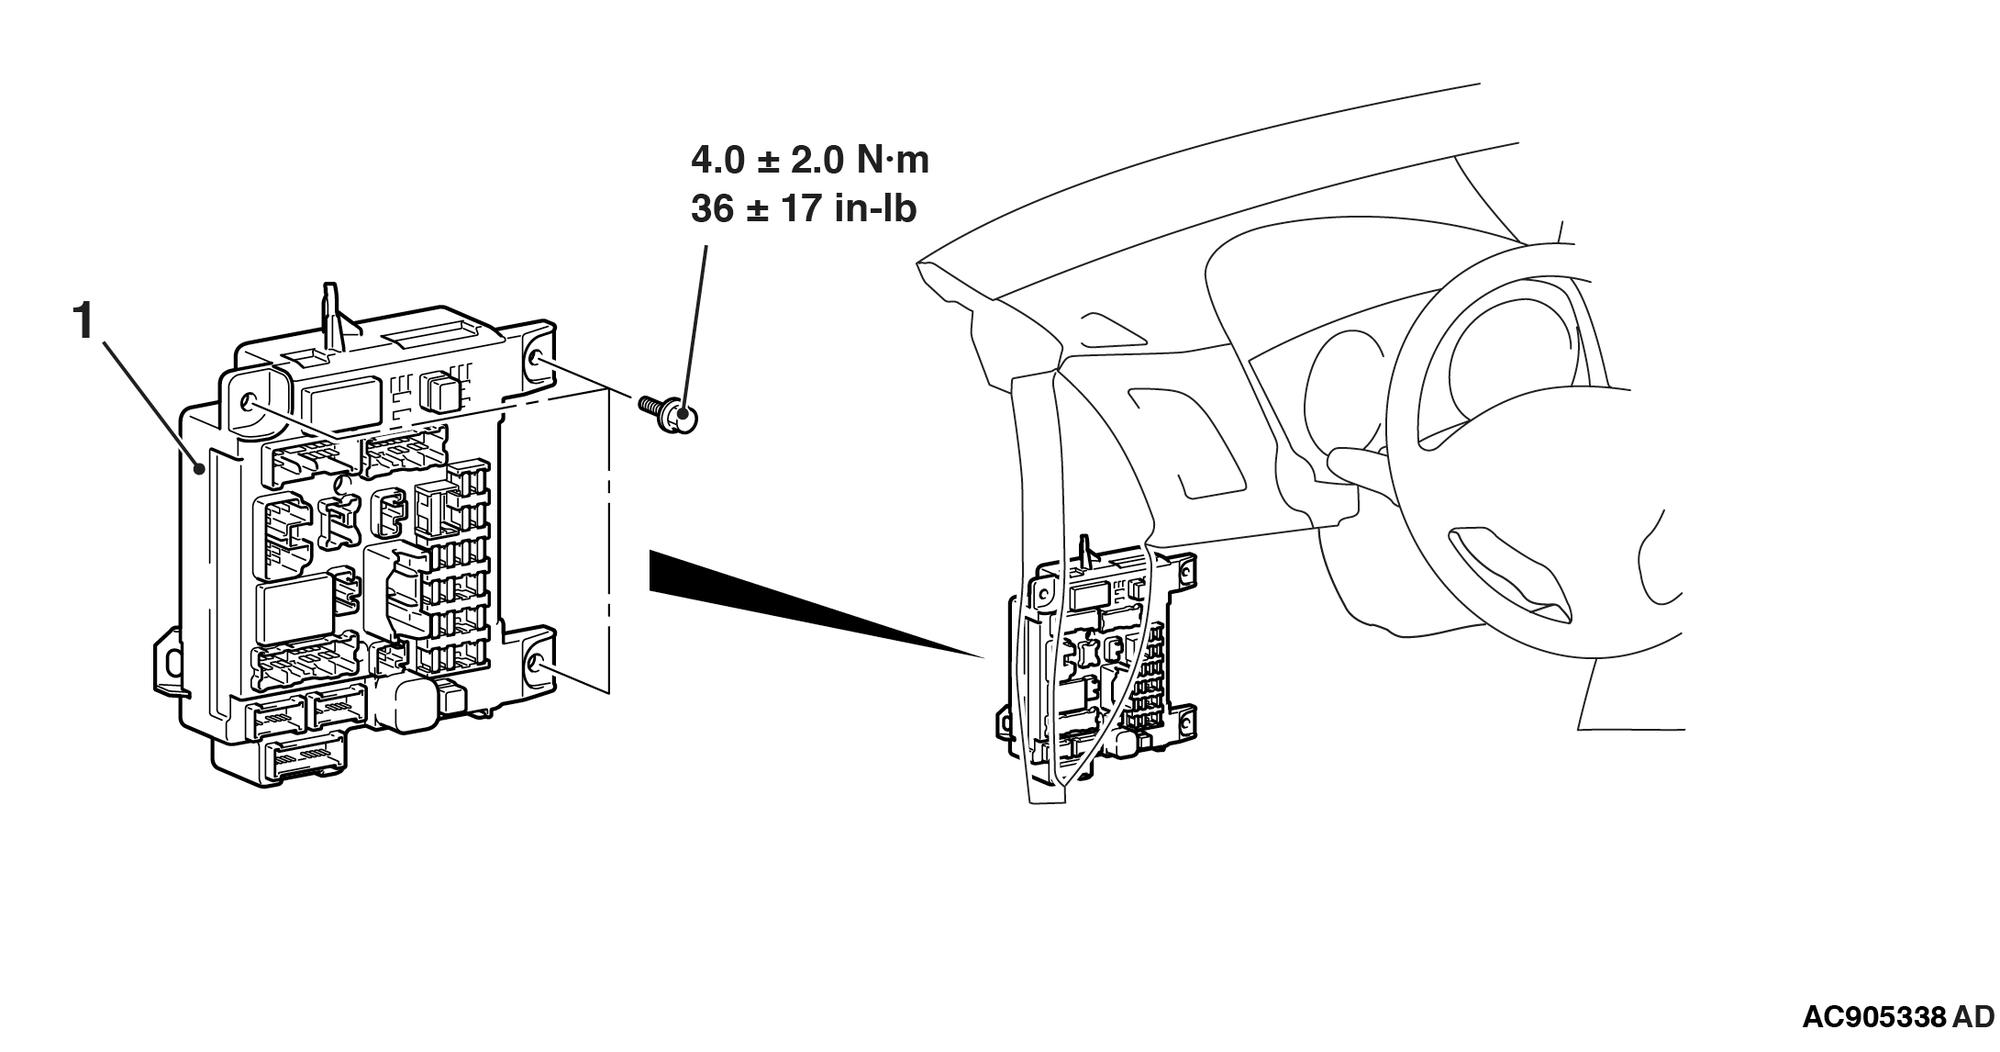 Outlander Sport No Start Fuel Pump Wiring